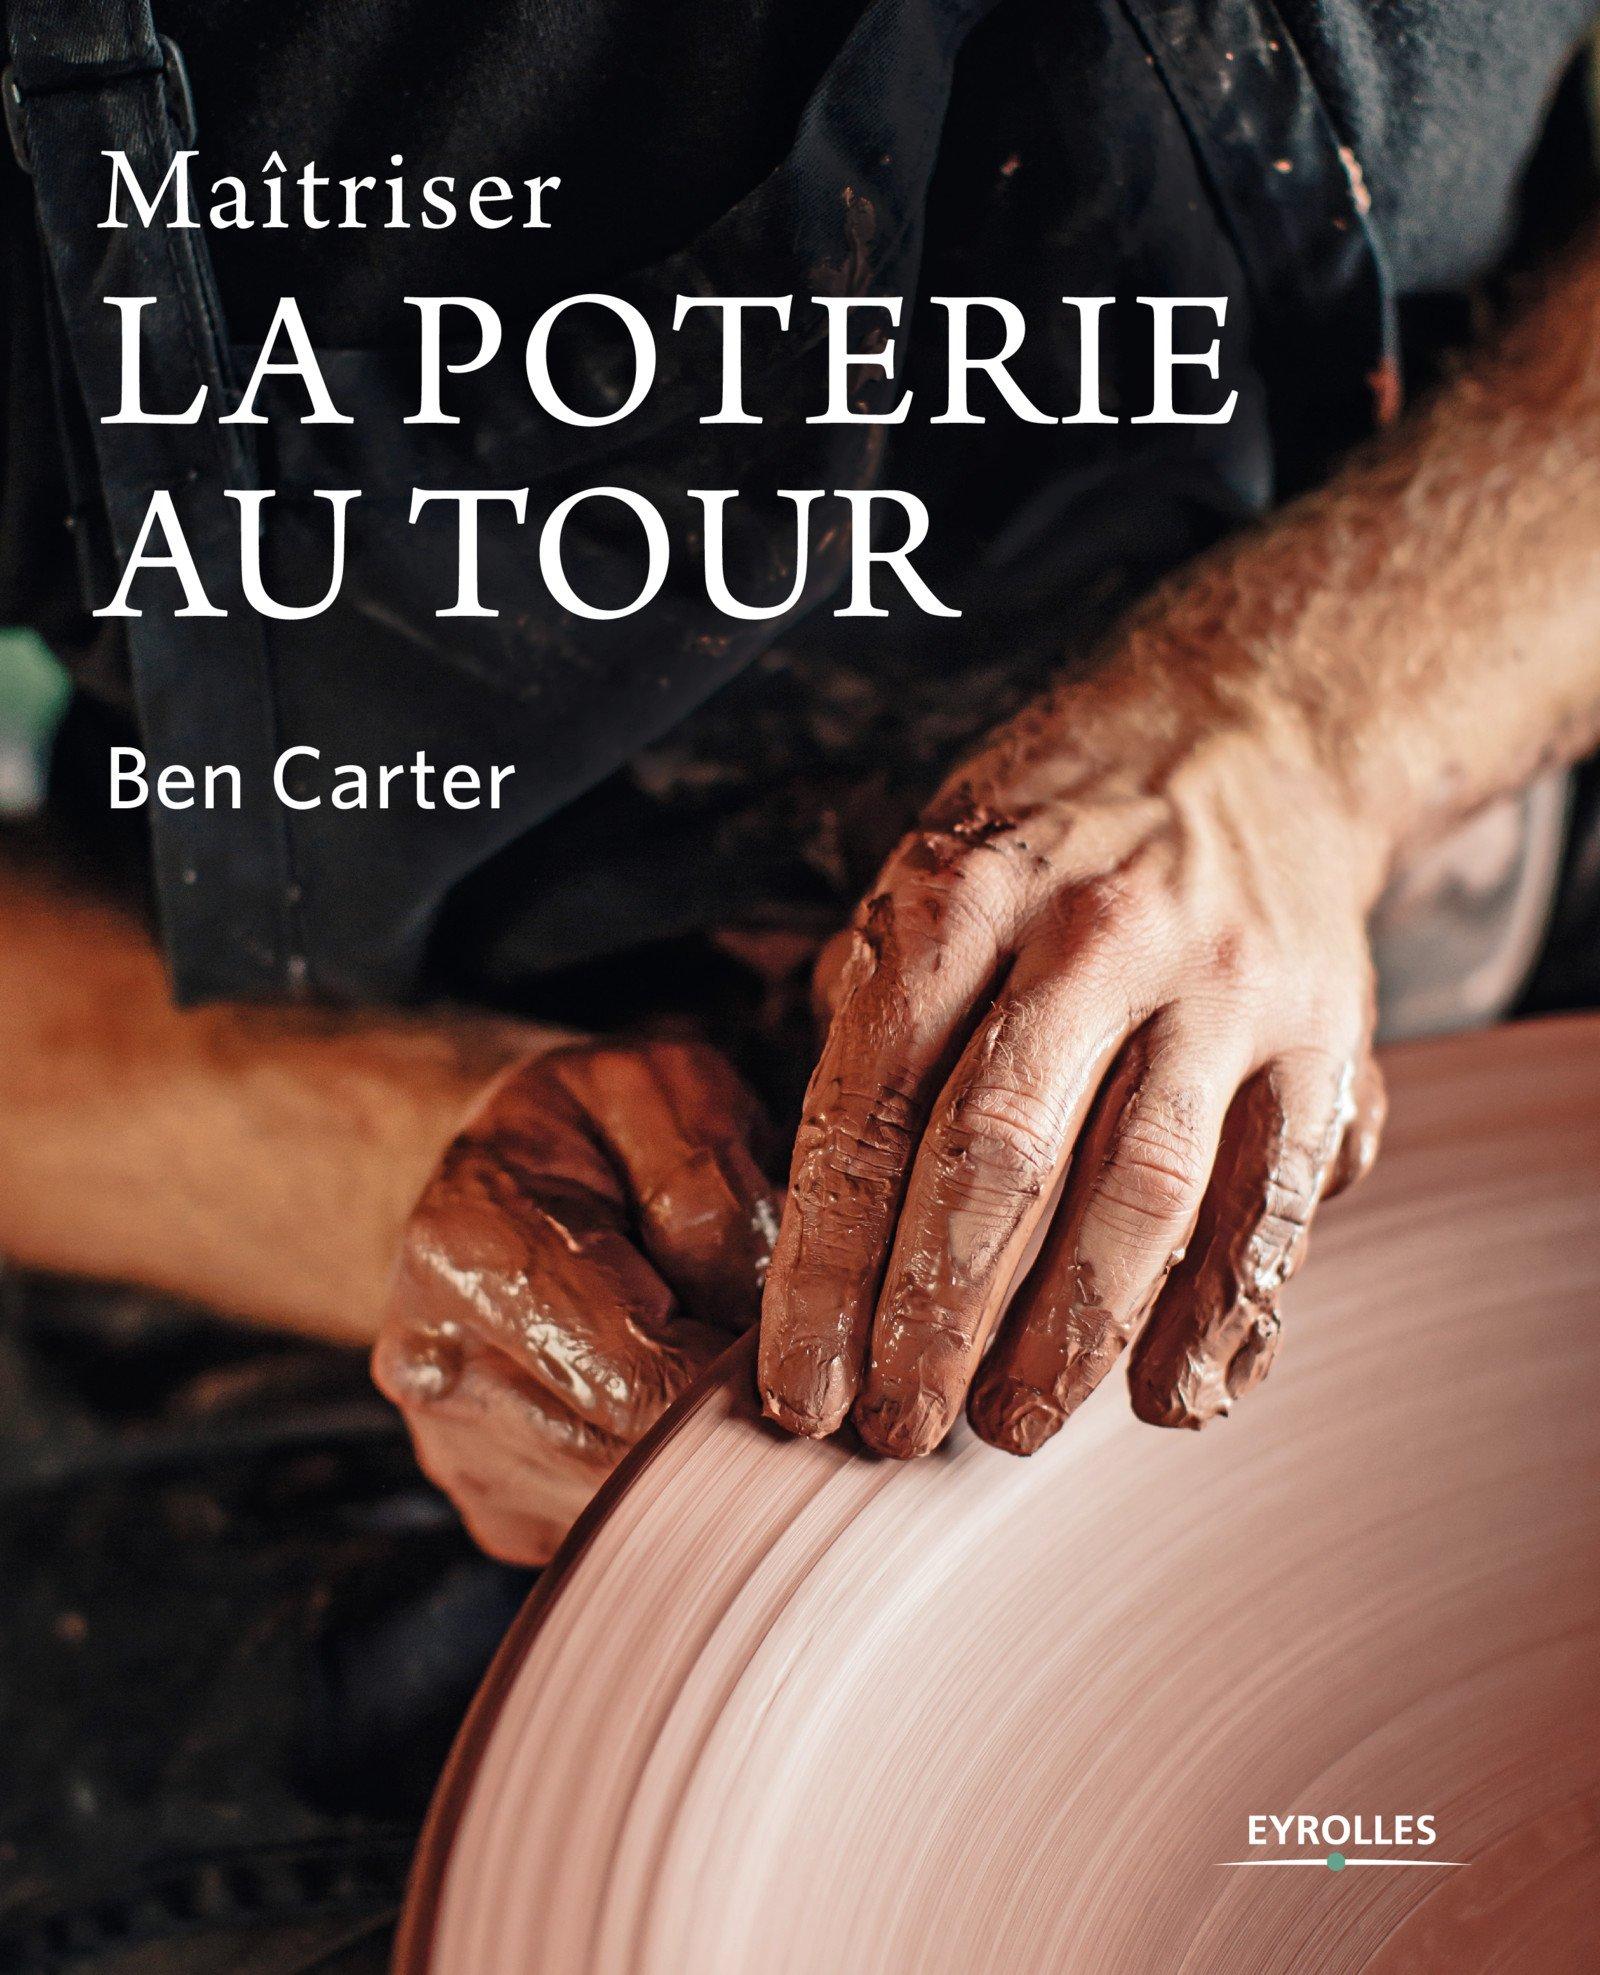 French Maîtriser la poterie au tour .jpg